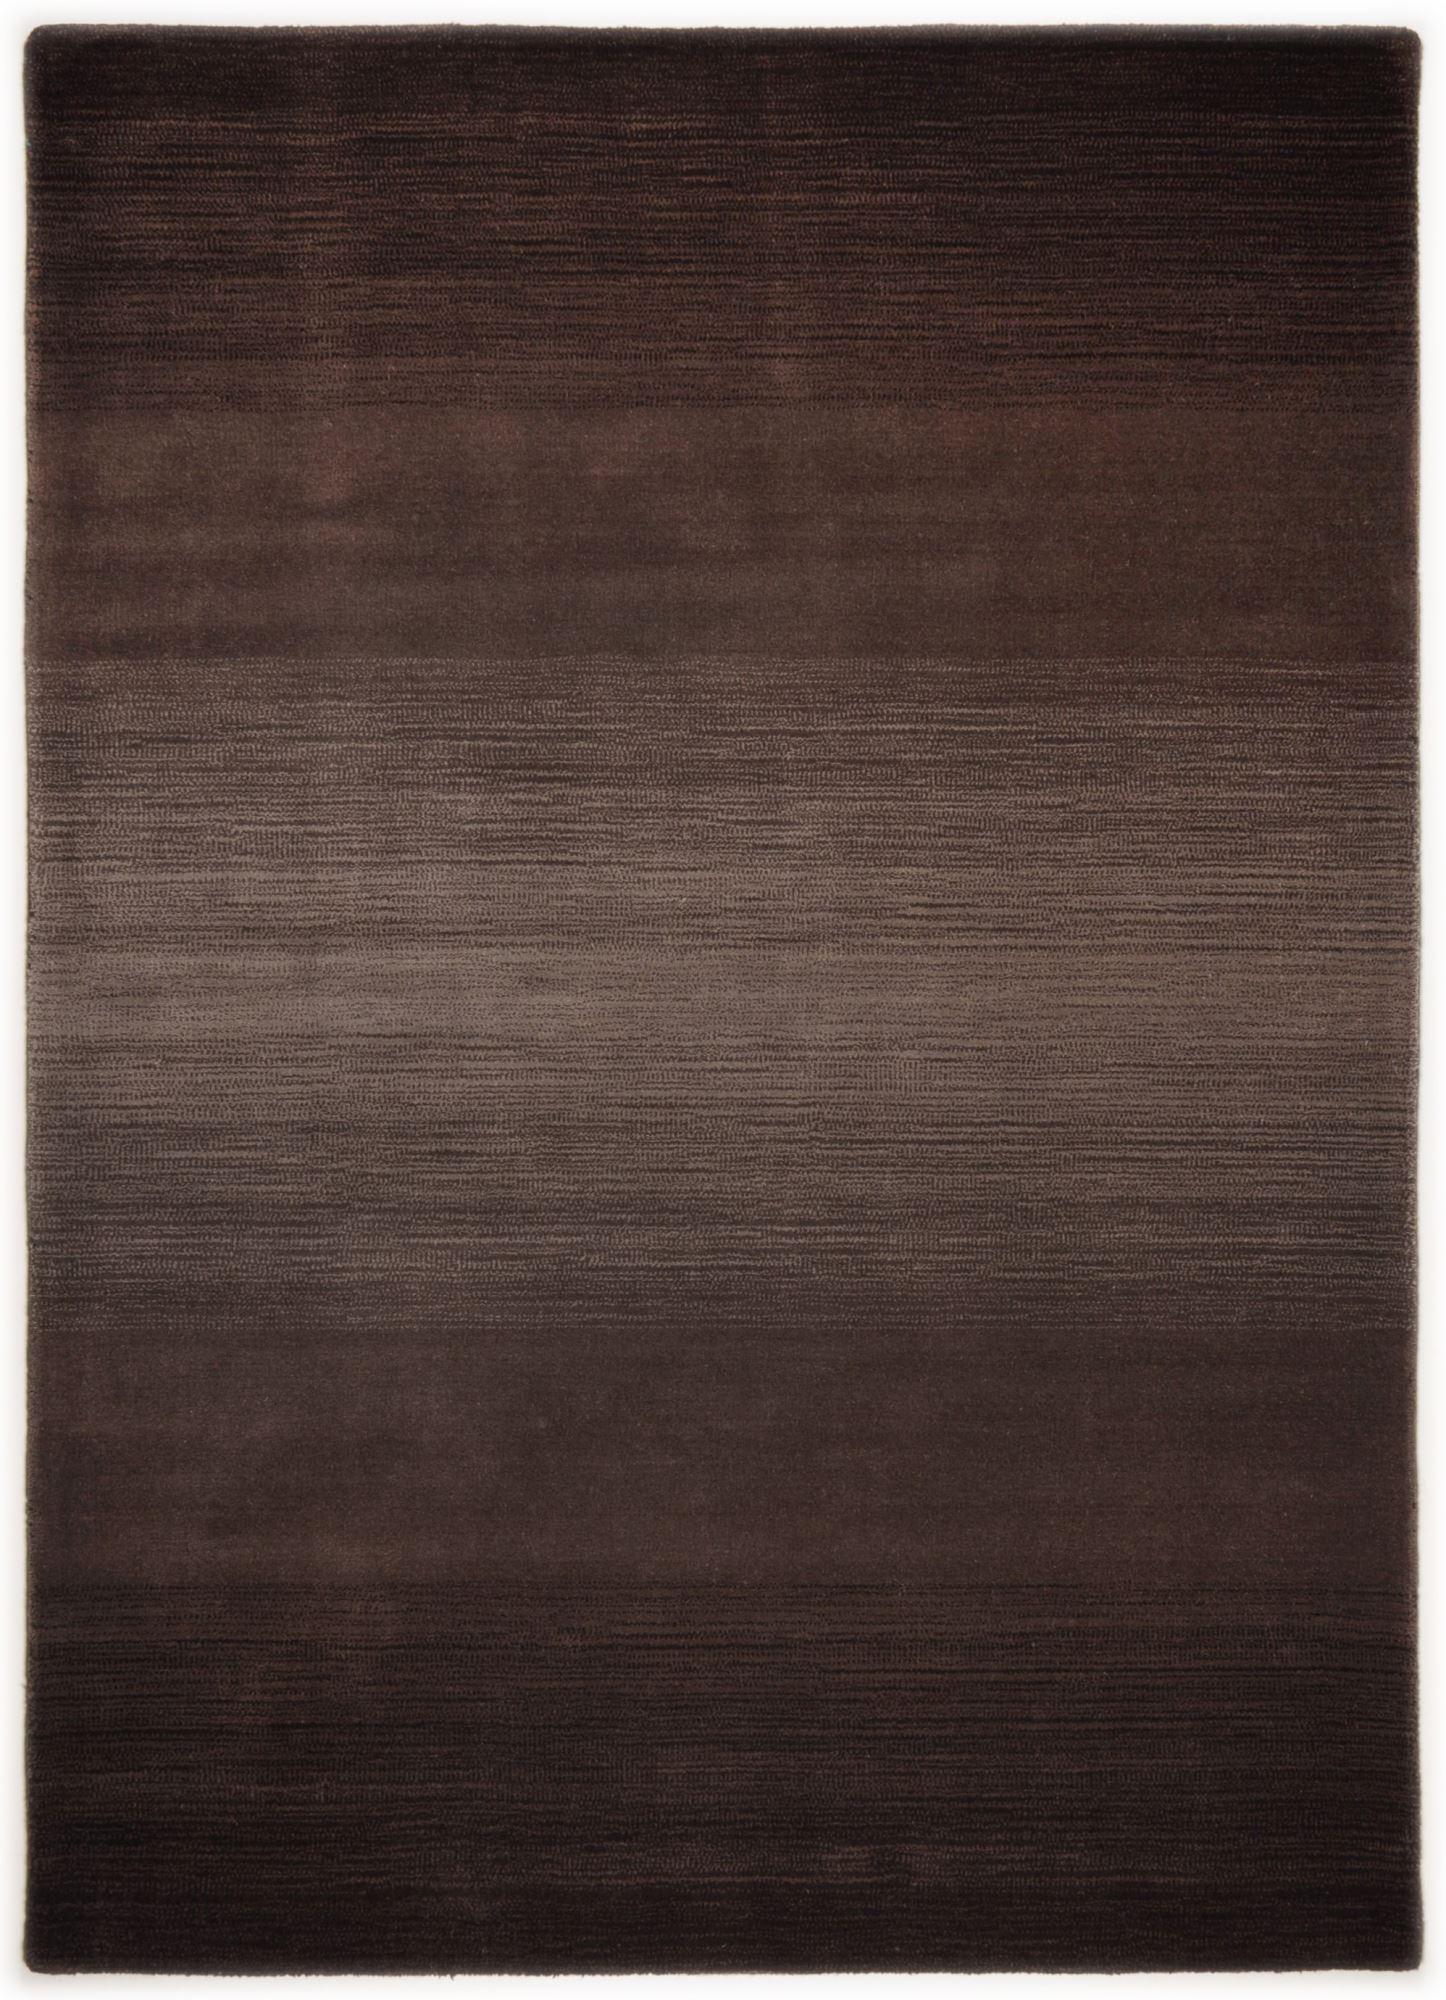 Tapis dégradé de couleur en laine Chocolat 140x200